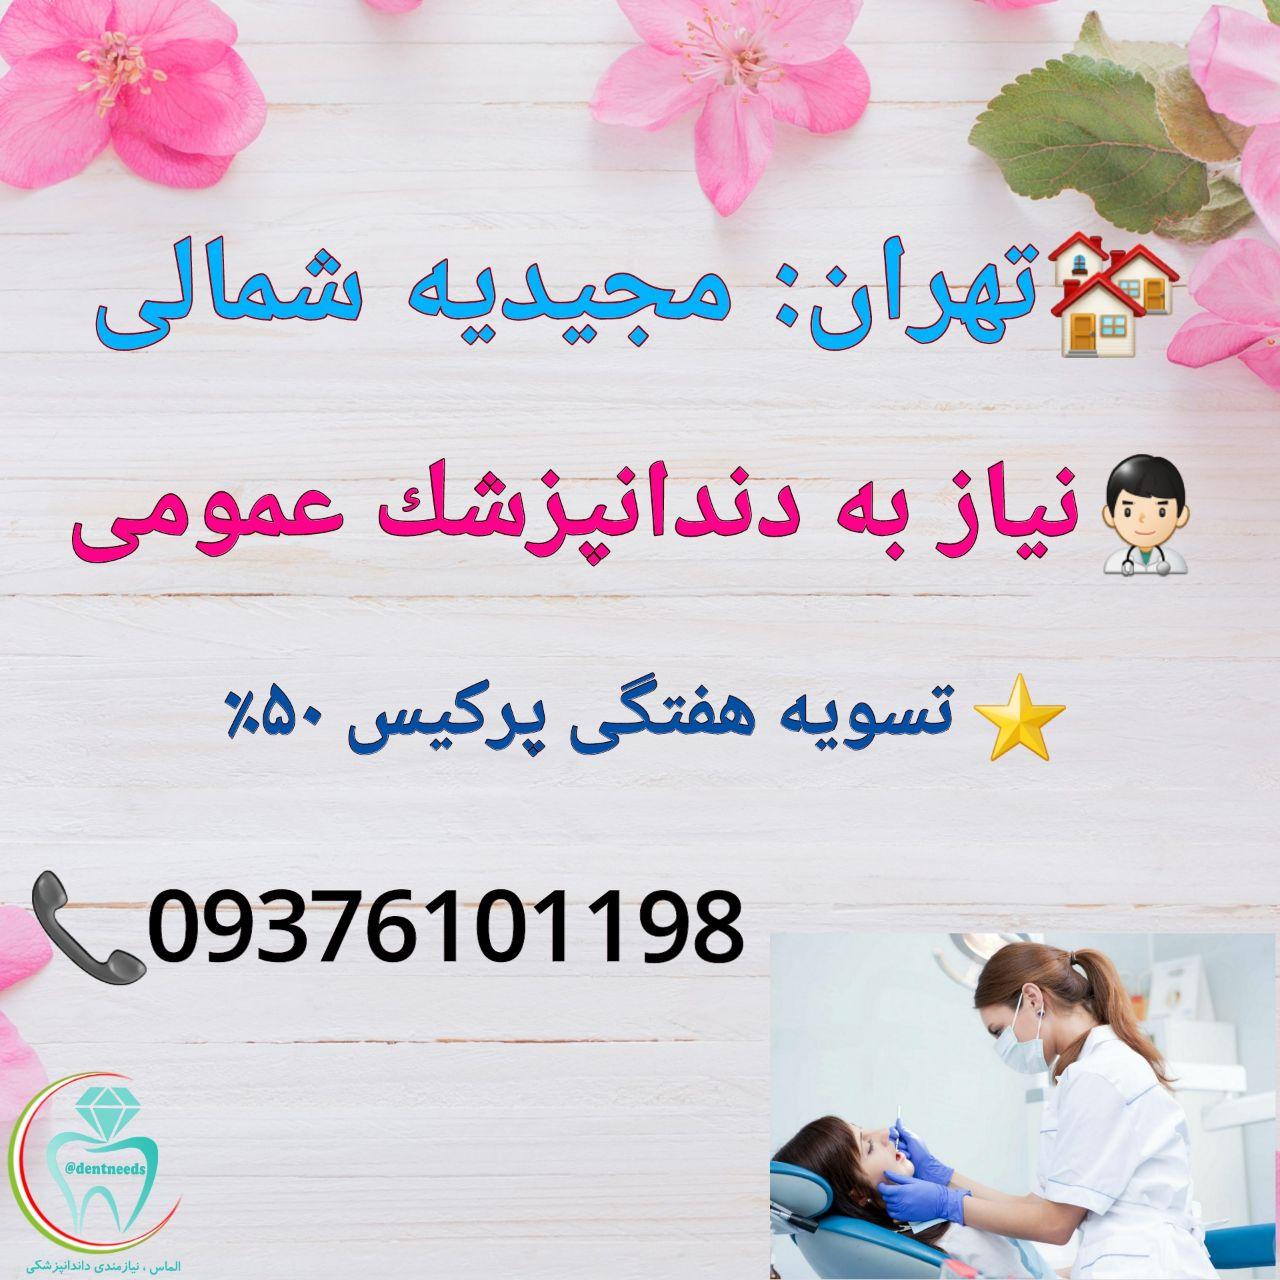 تهران: مجیدیه شمالی، نیاز به دندانپزشک عمومی